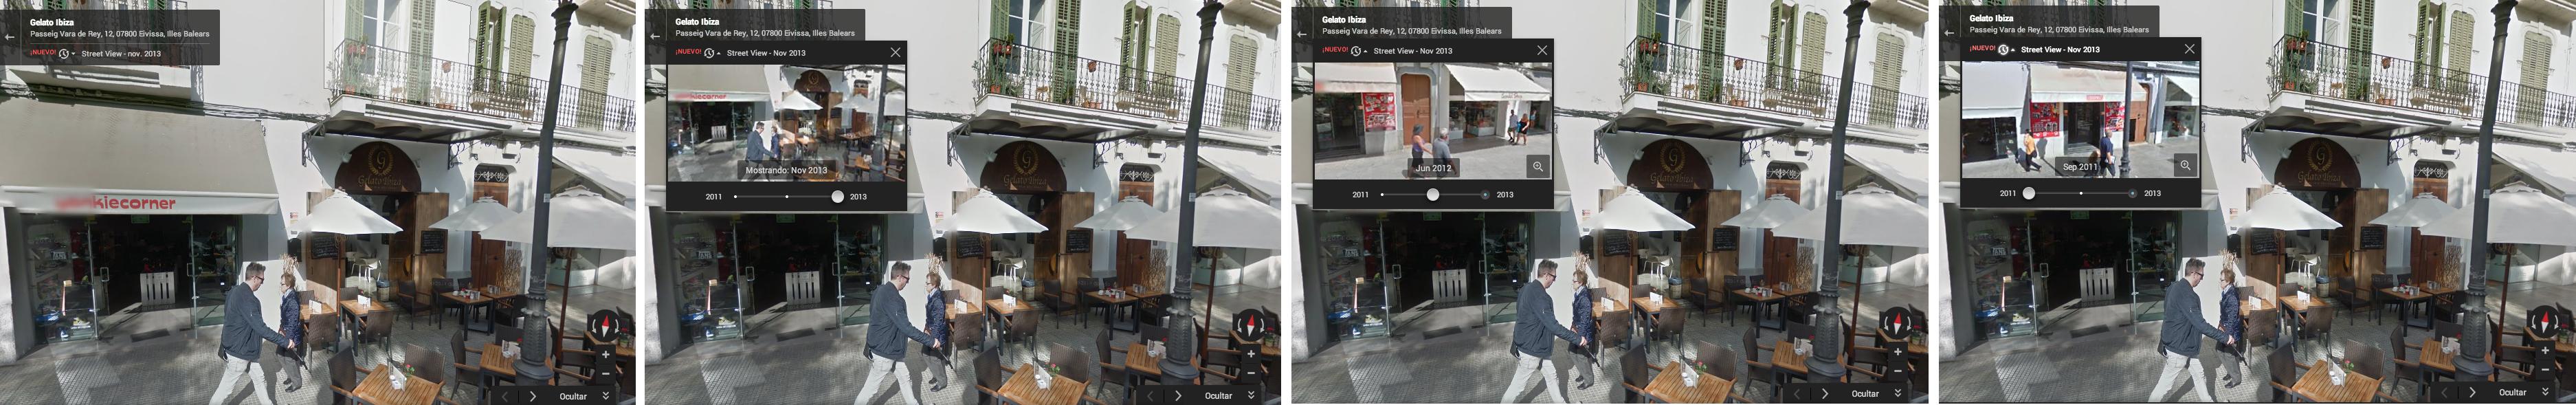 streetview-time